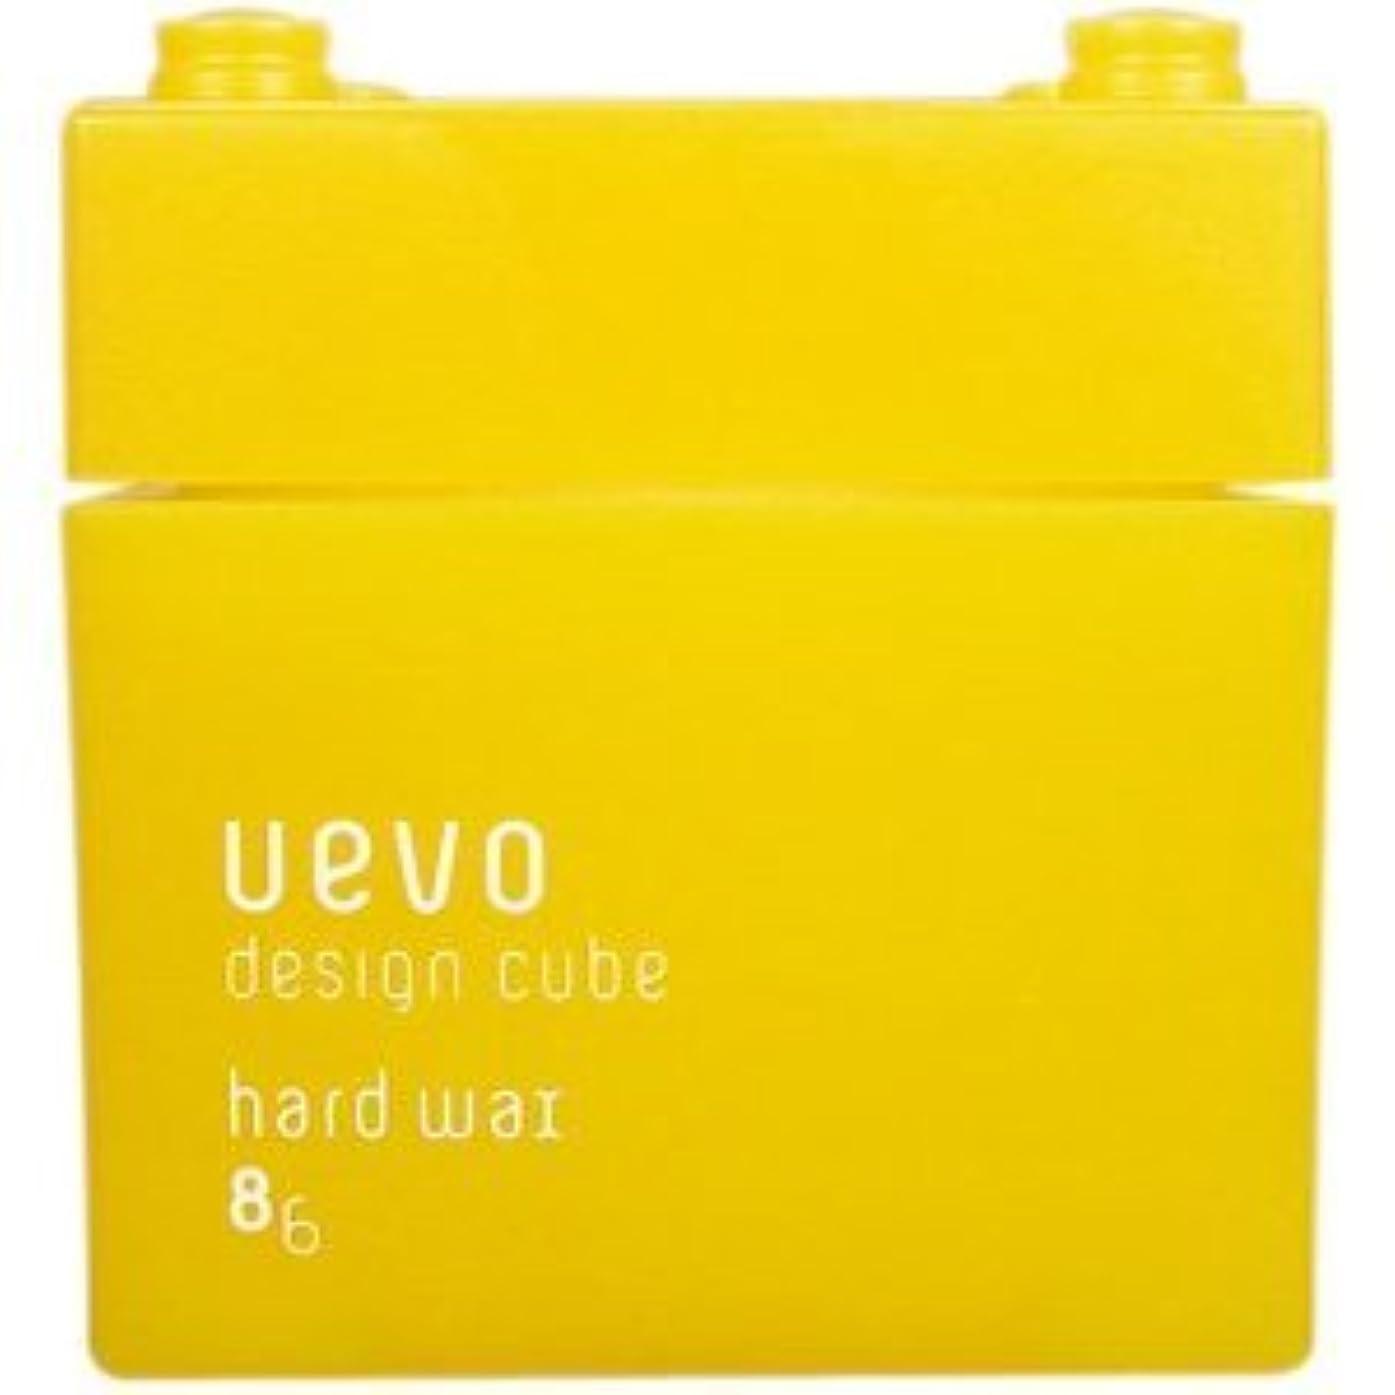 ボクシング不正確おっと【X3個セット】 デミ ウェーボ デザインキューブ ハードワックス 80g hard wax DEMI uevo design cube